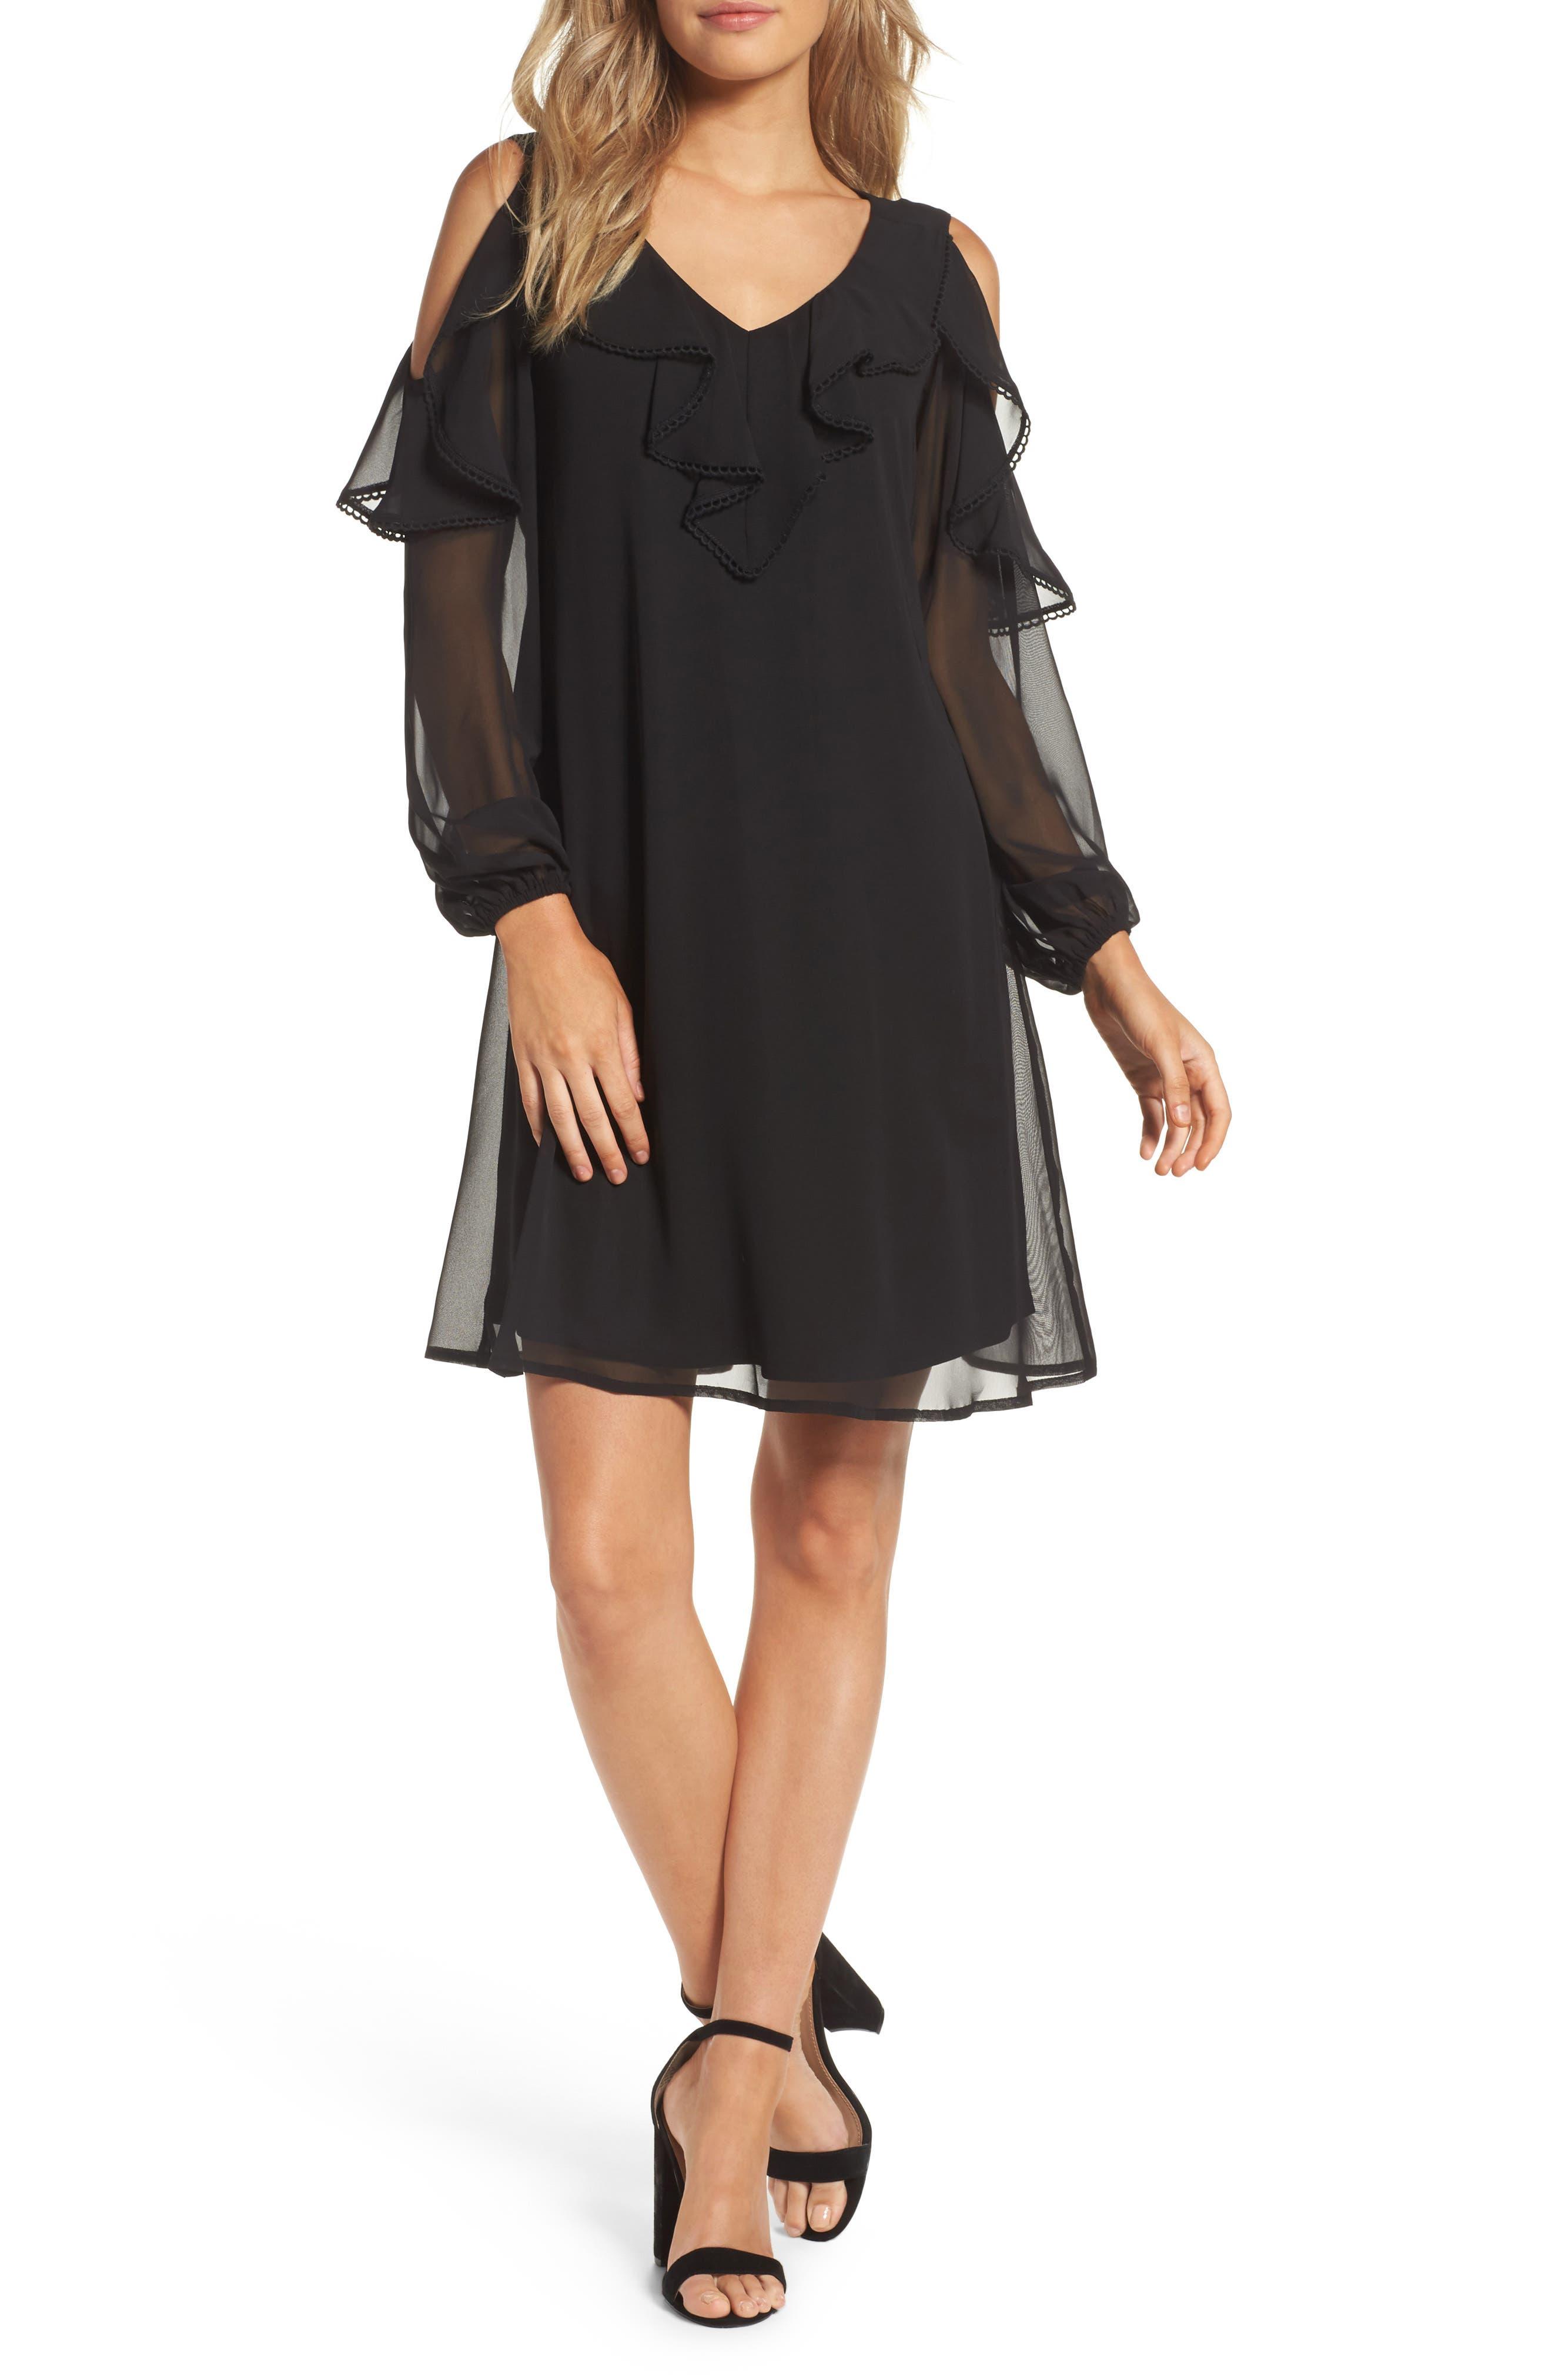 TAYLOR DRESSES,                             Chiffon Cold Shoulder A-Line Dress,                             Main thumbnail 1, color,                             001